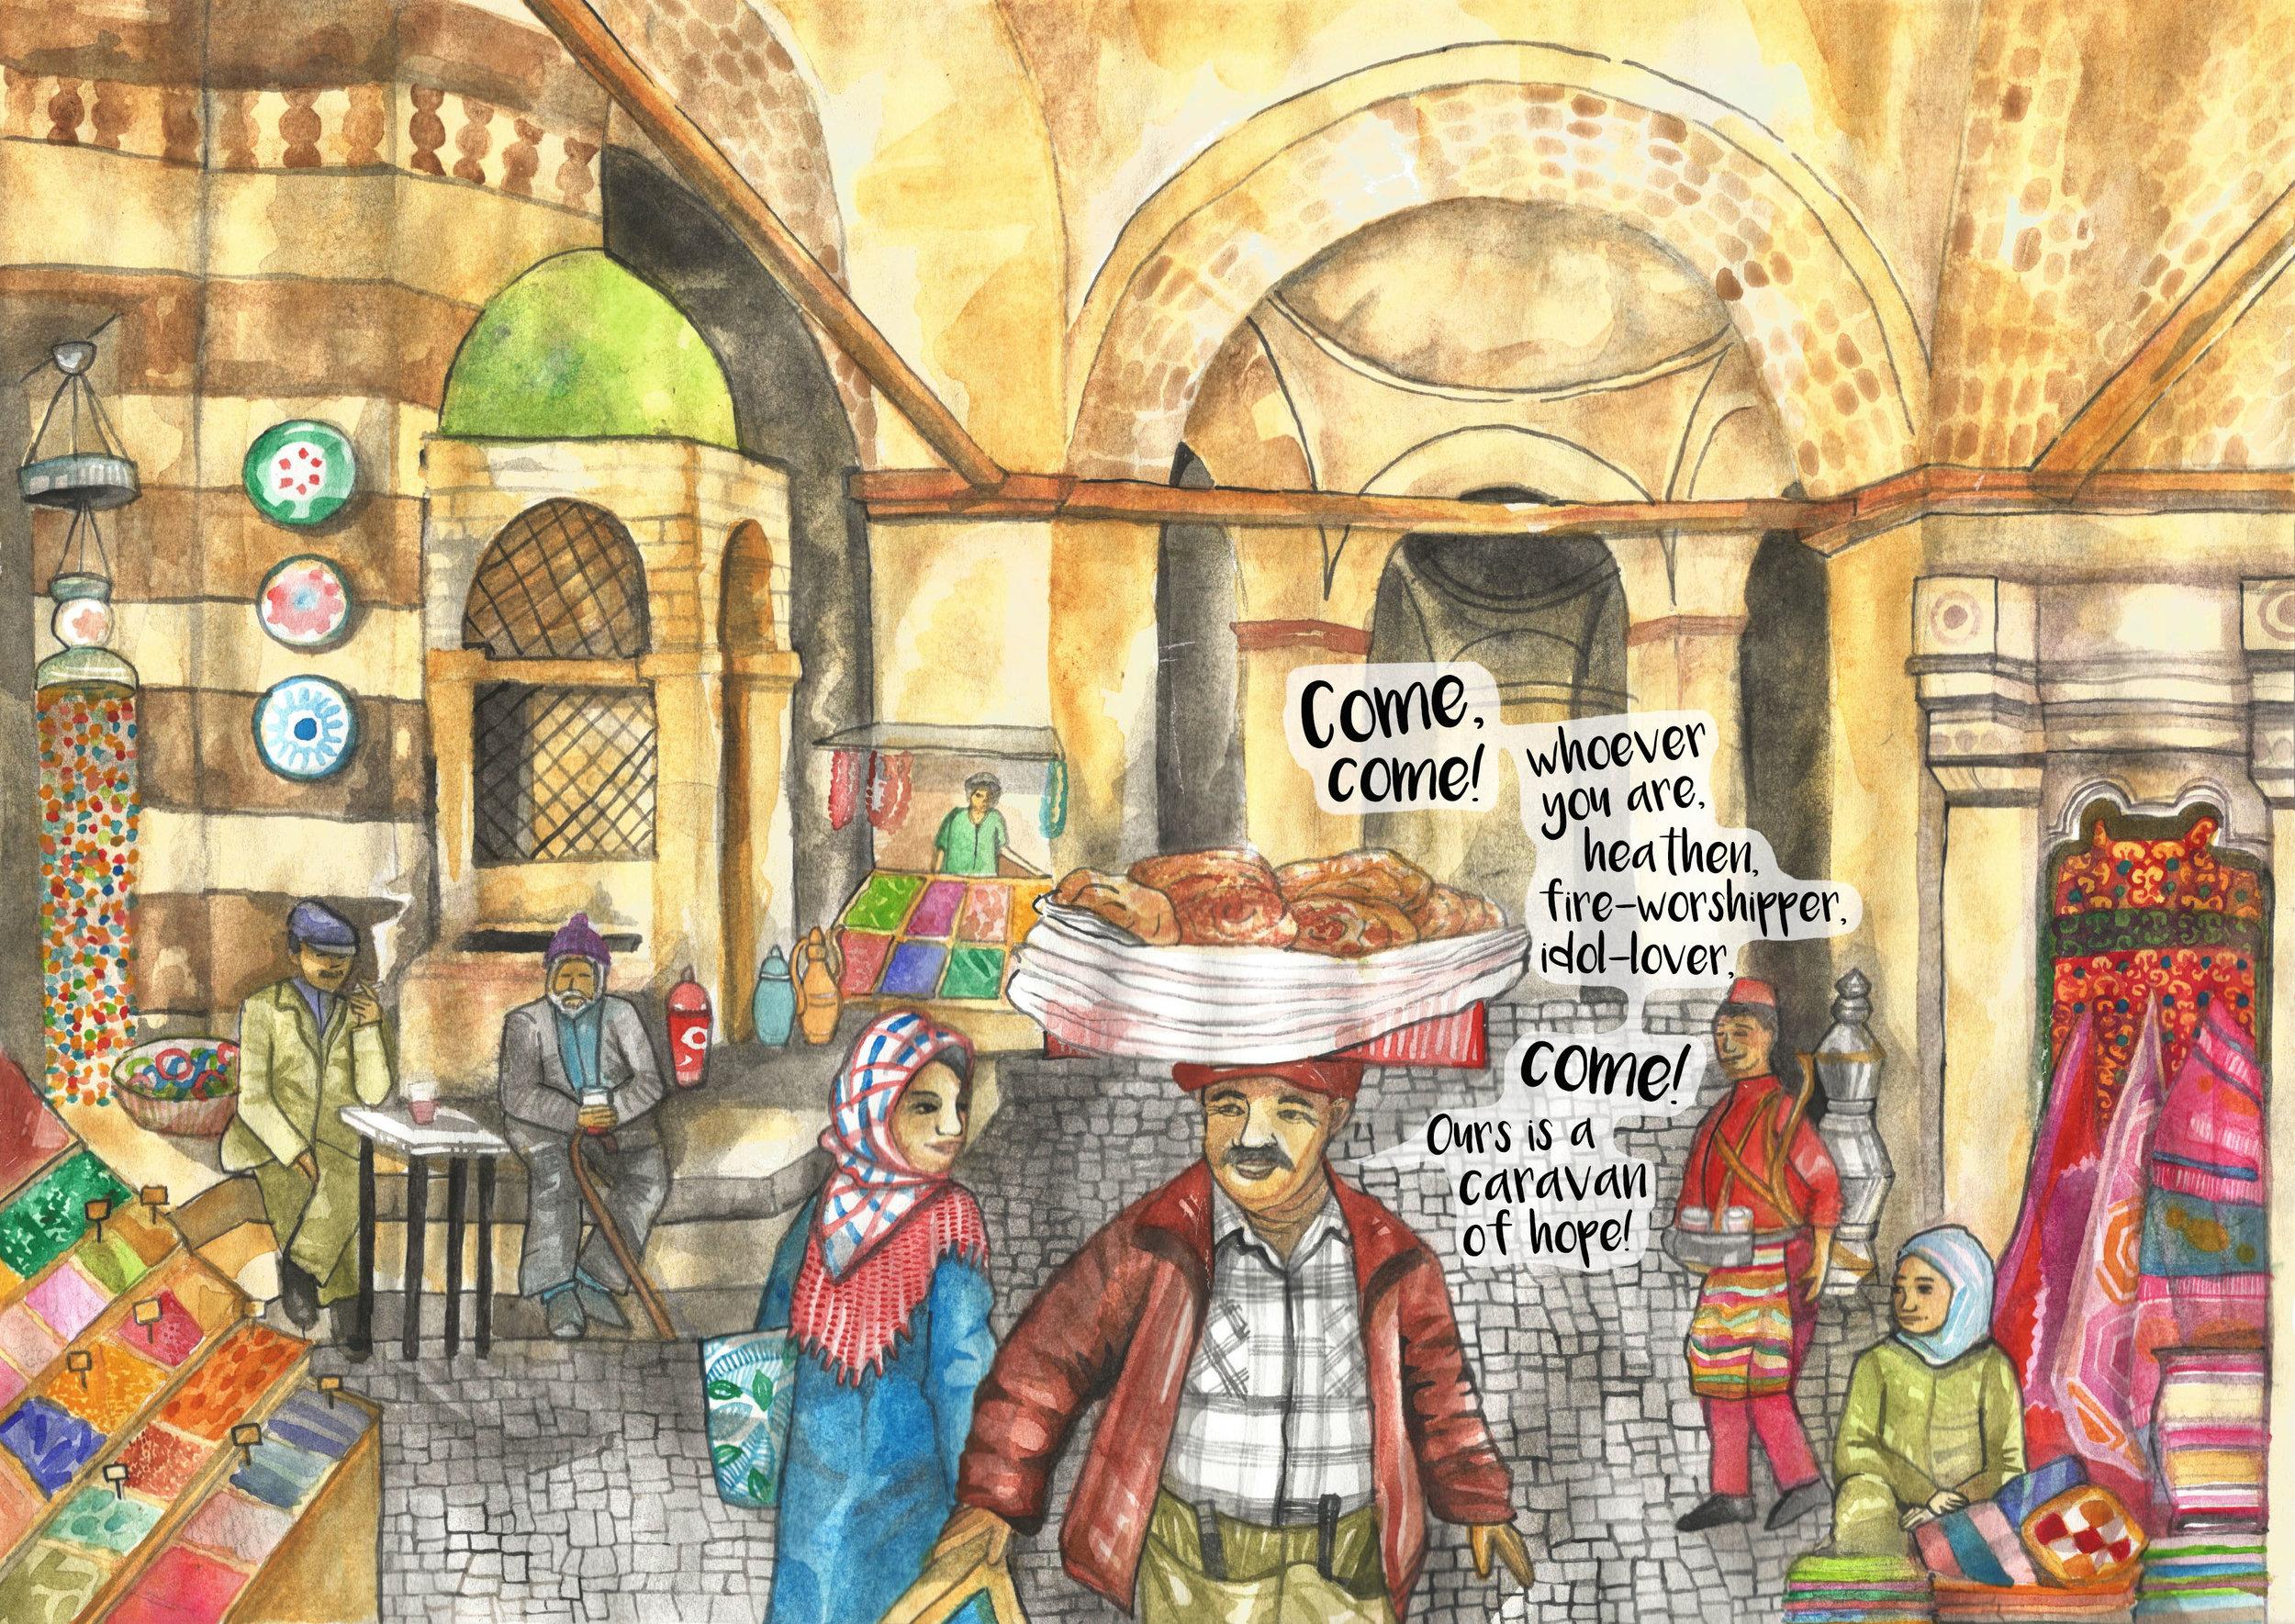 A crowded Turkish bazaar selling burek